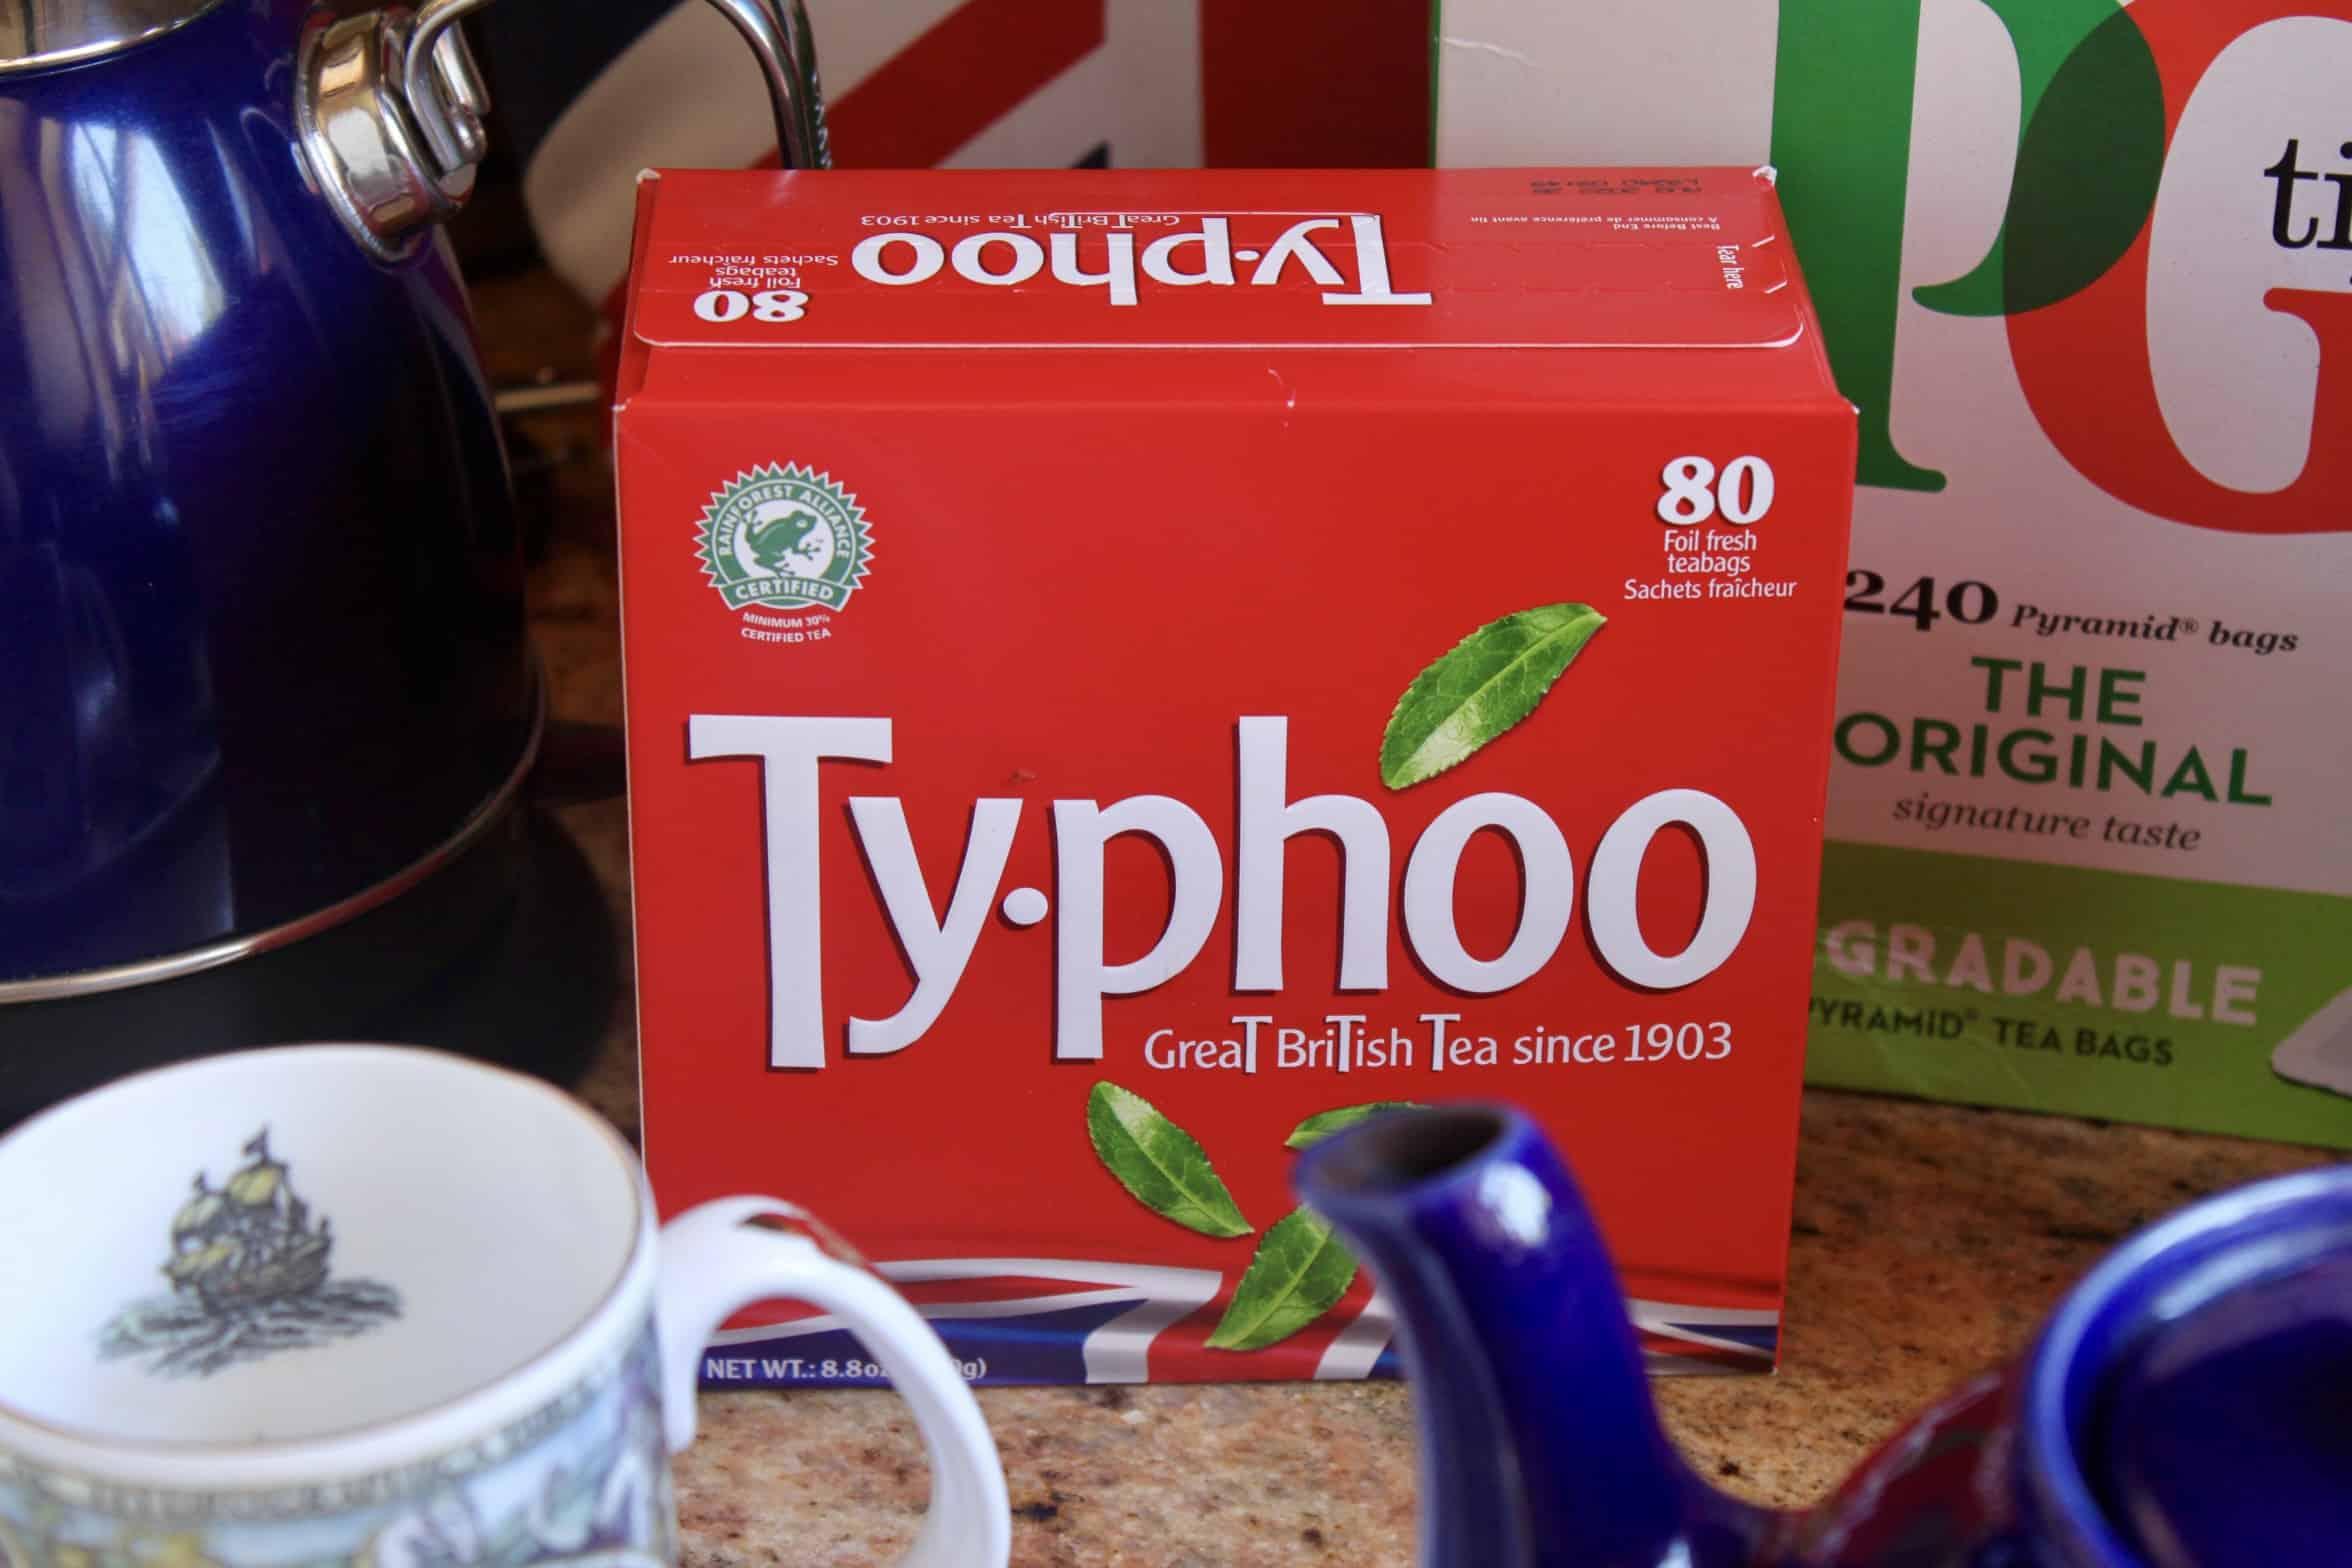 typhoo box of tea